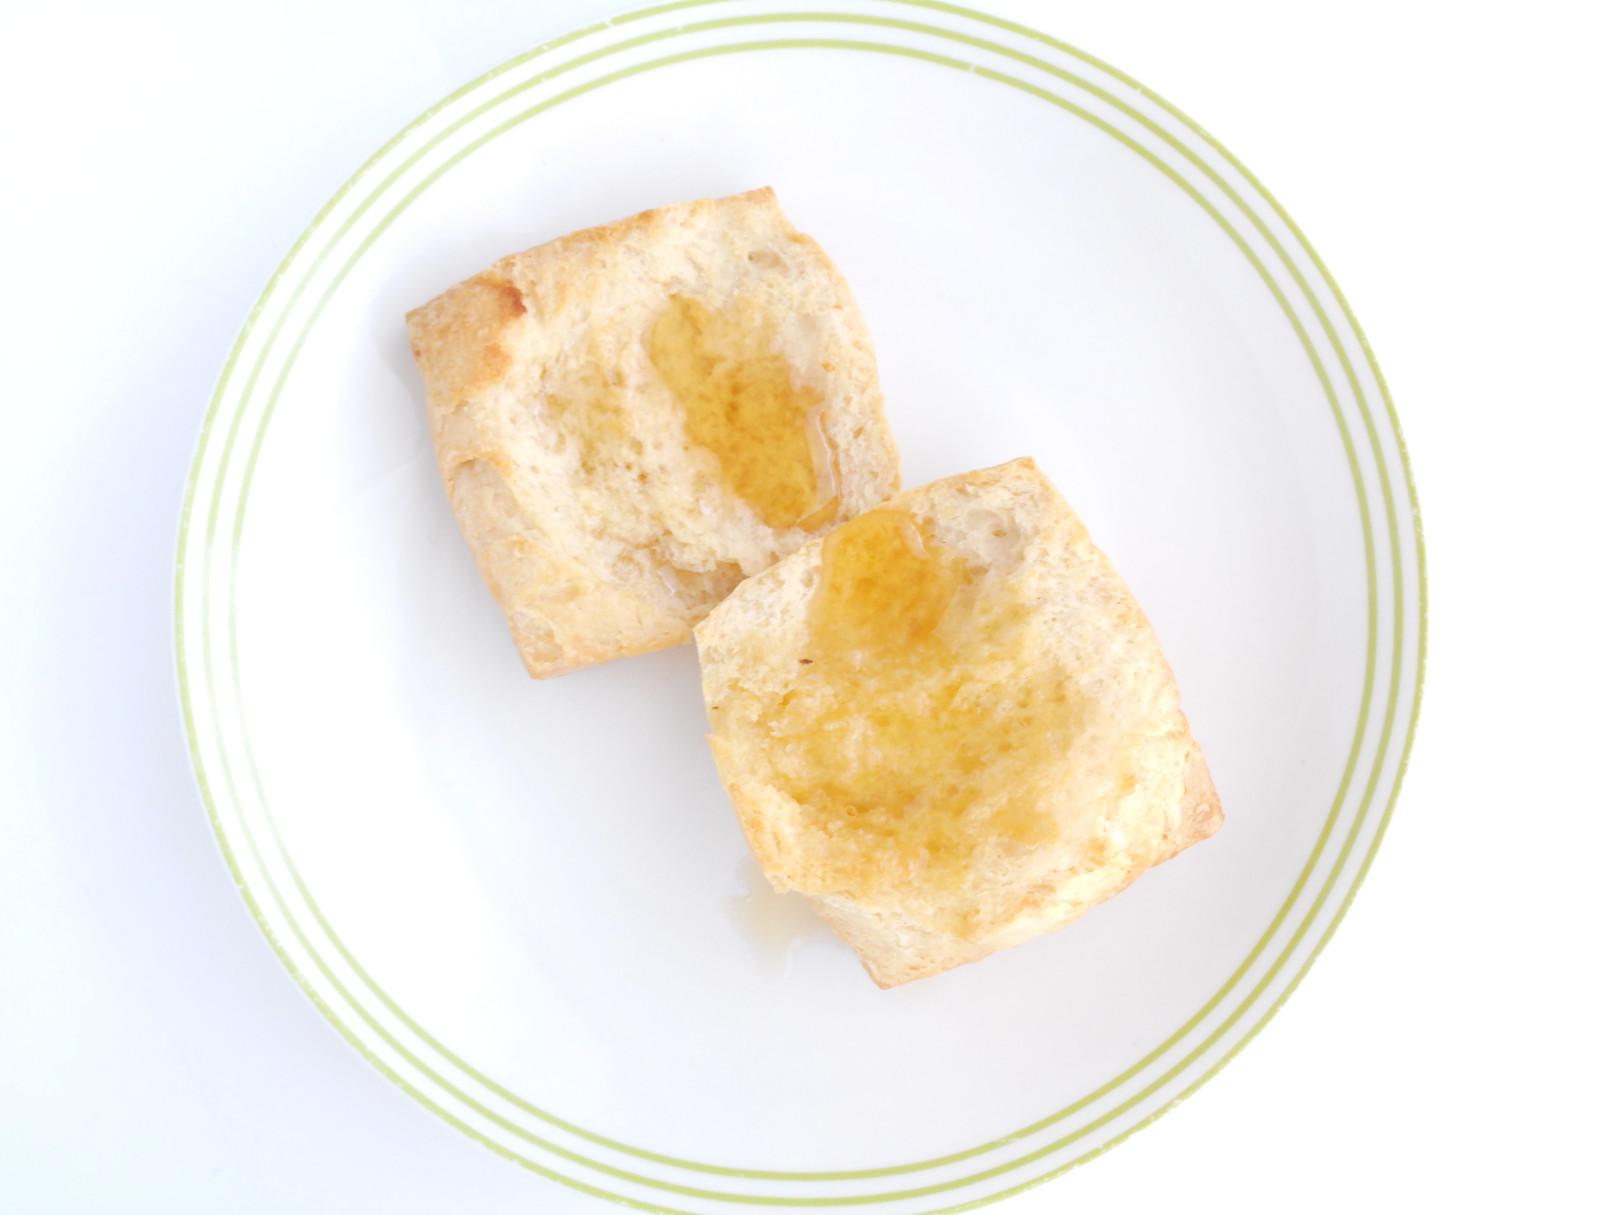 濃厚なはちみつにコクあるバターは最高のマリアージュ☆